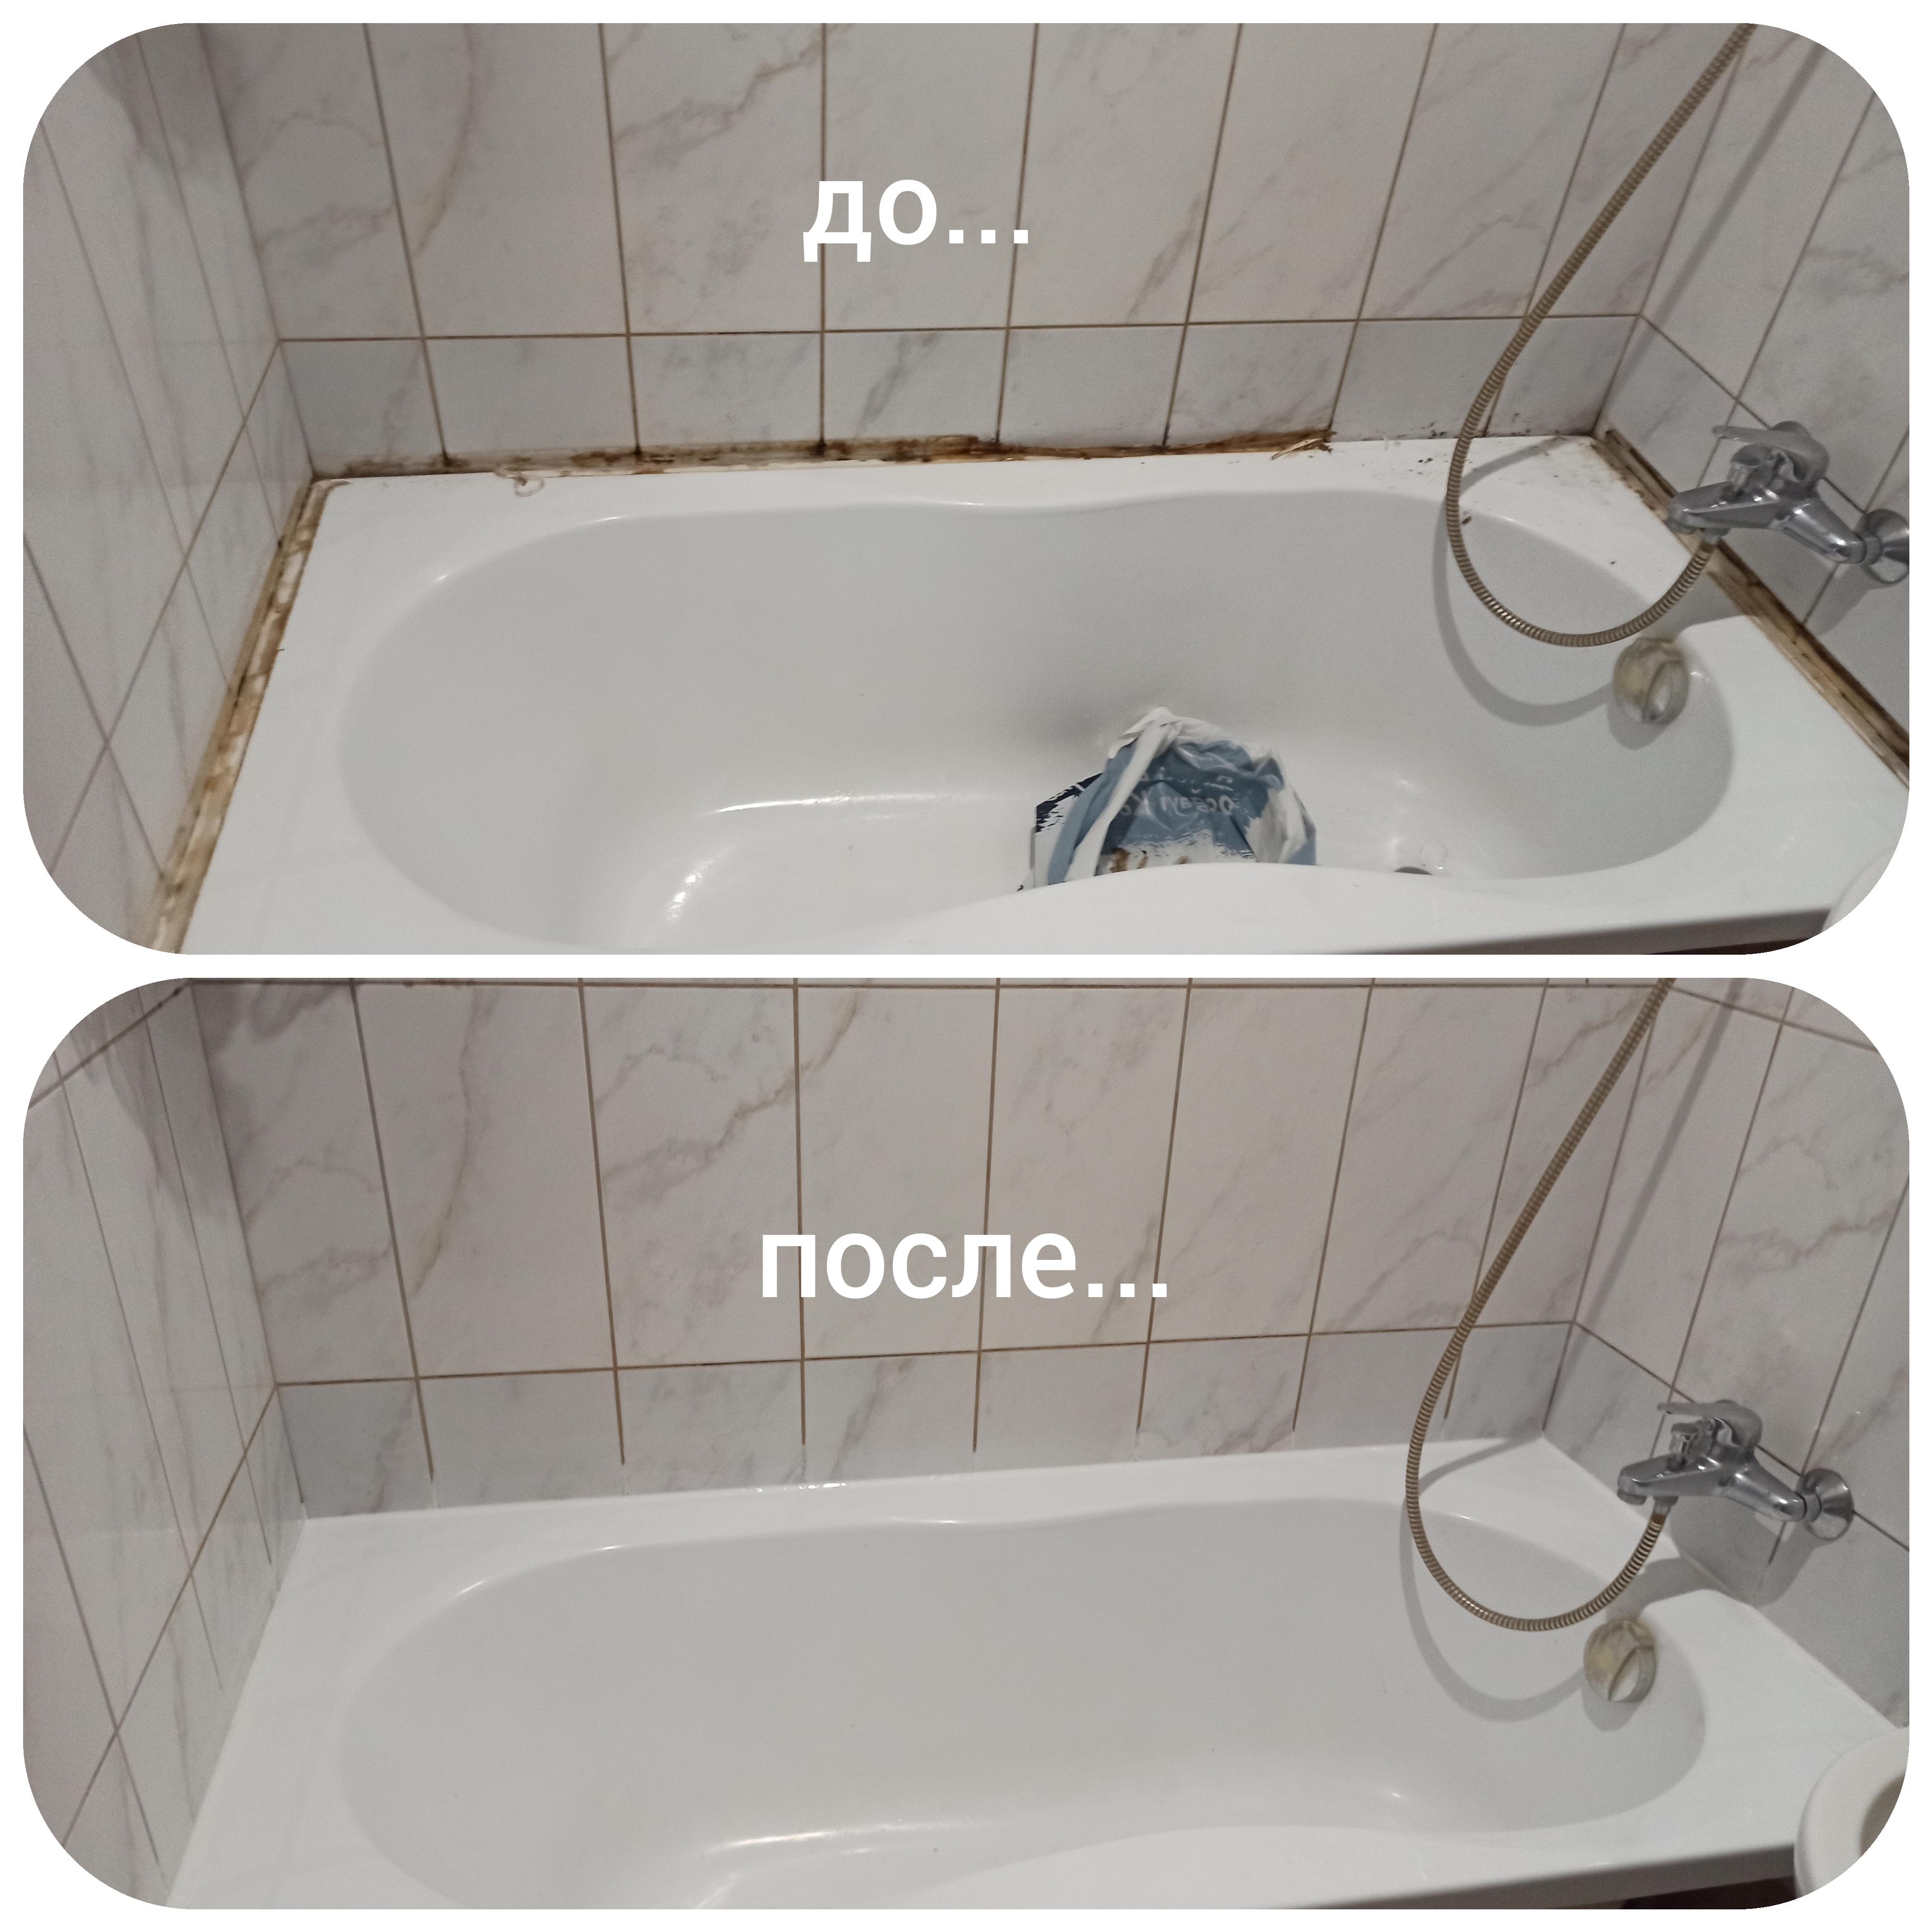 Фото Удаление заплесневелого силикона и герметизация стыка ванны с плиткой